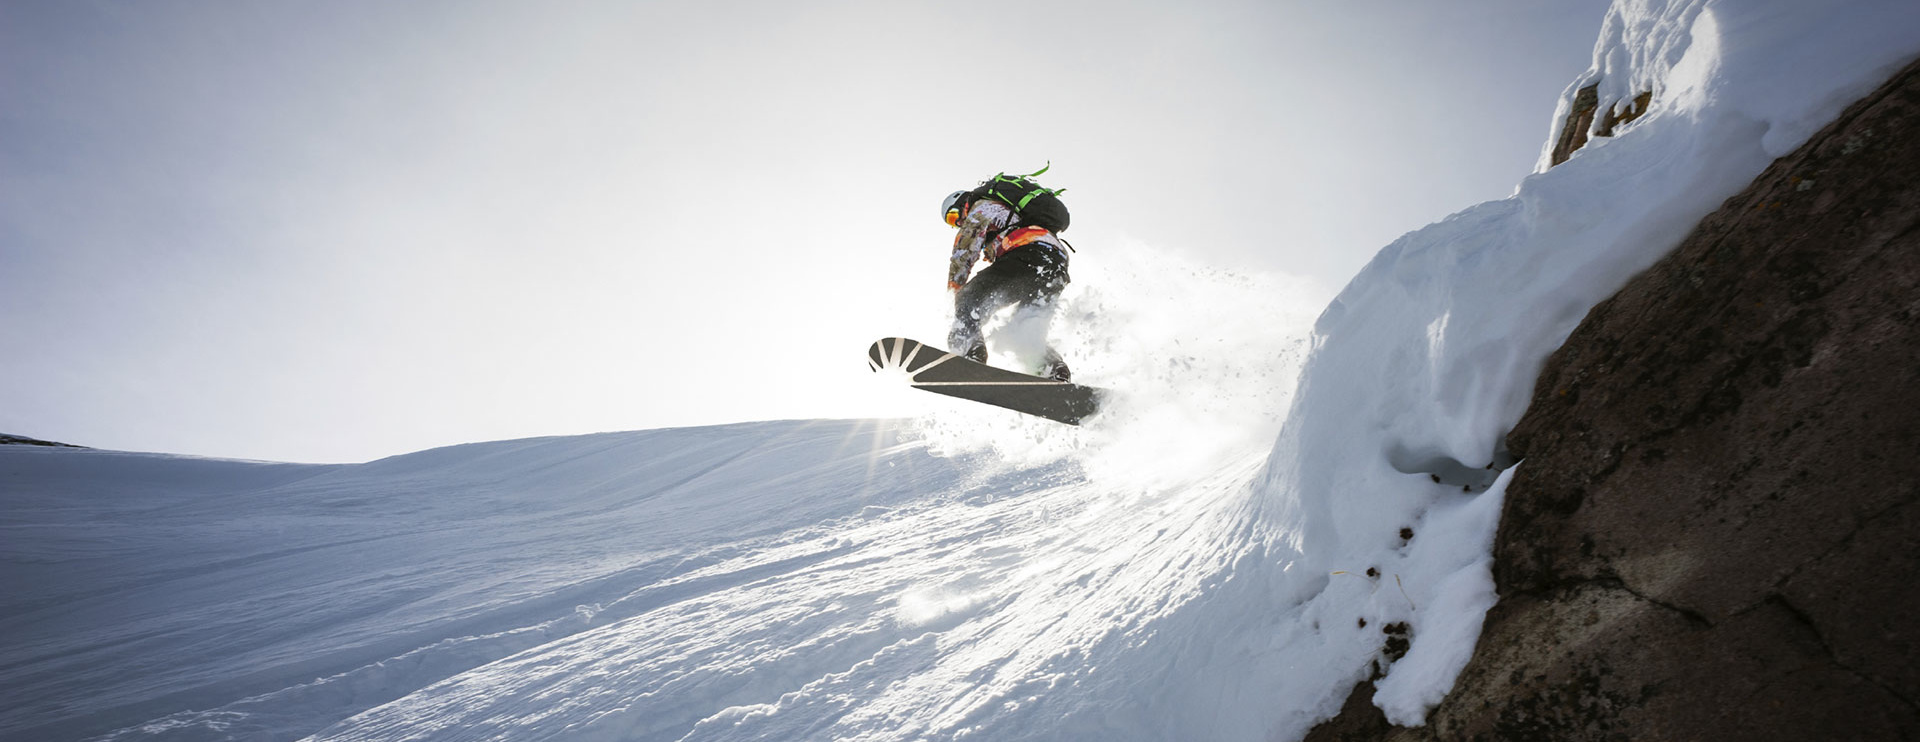 Snowboard-Verleih, Shop, Bekleidung, Service - Skiworld